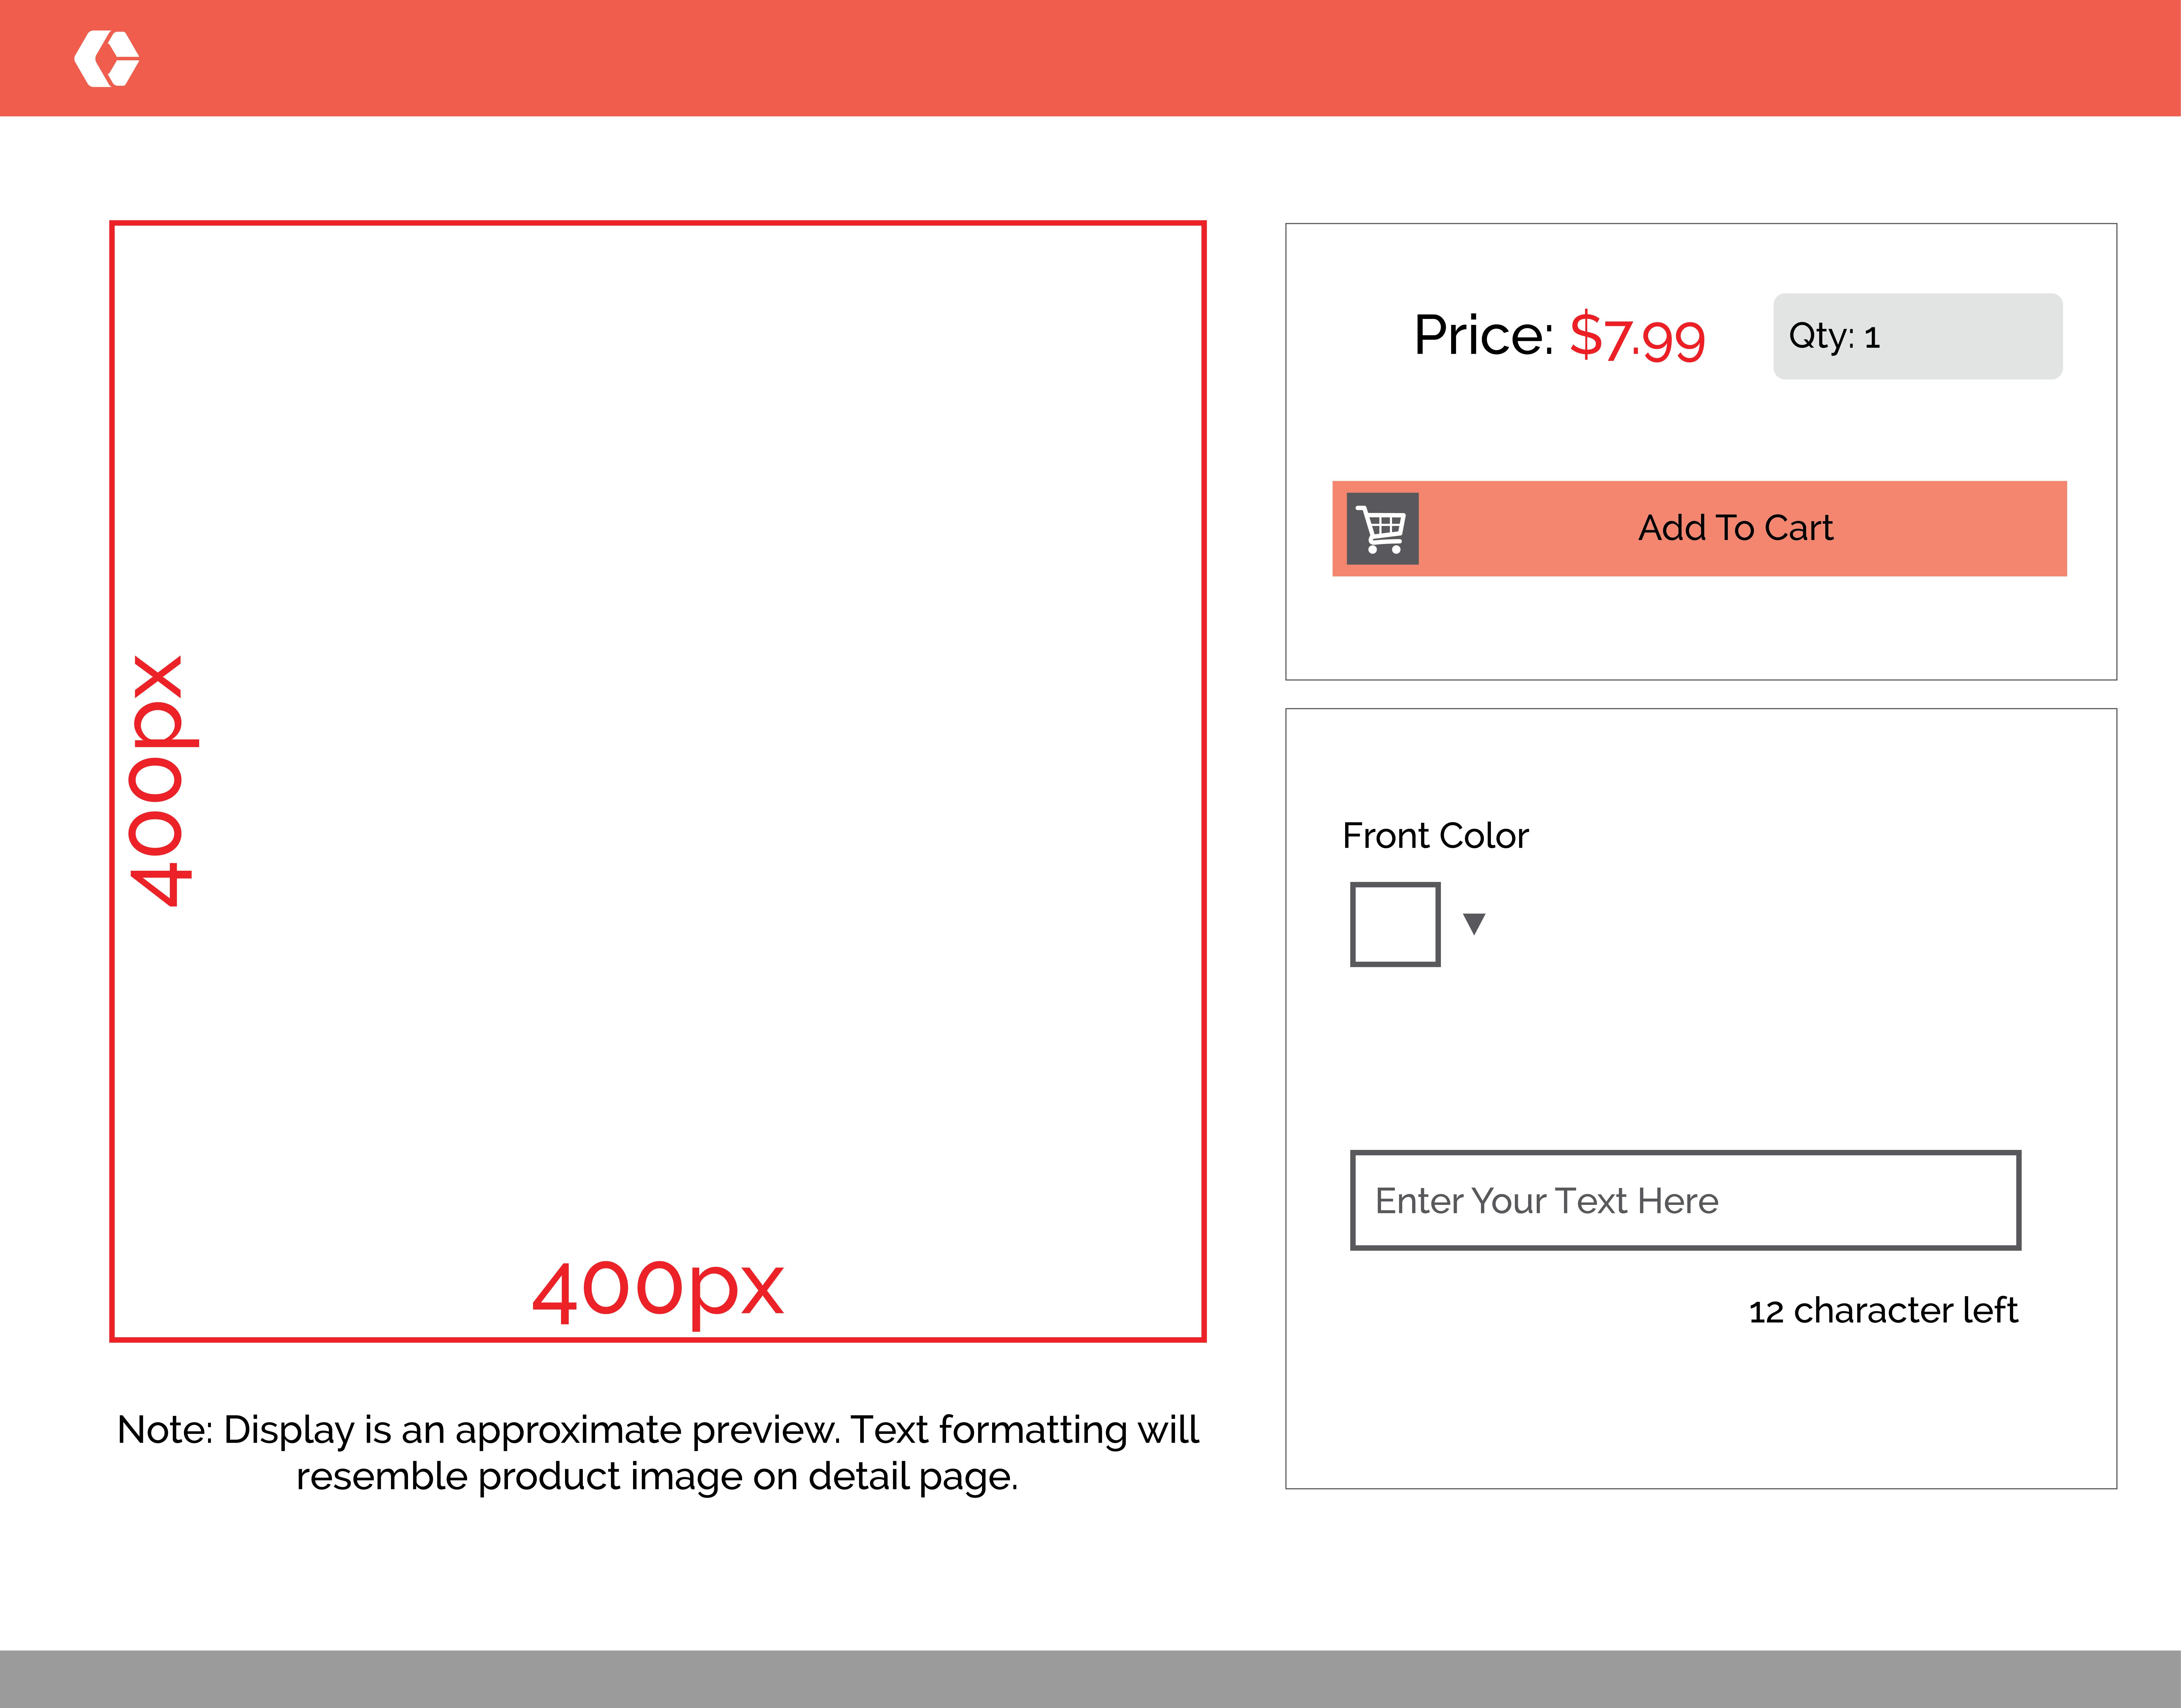 amazon listing image size